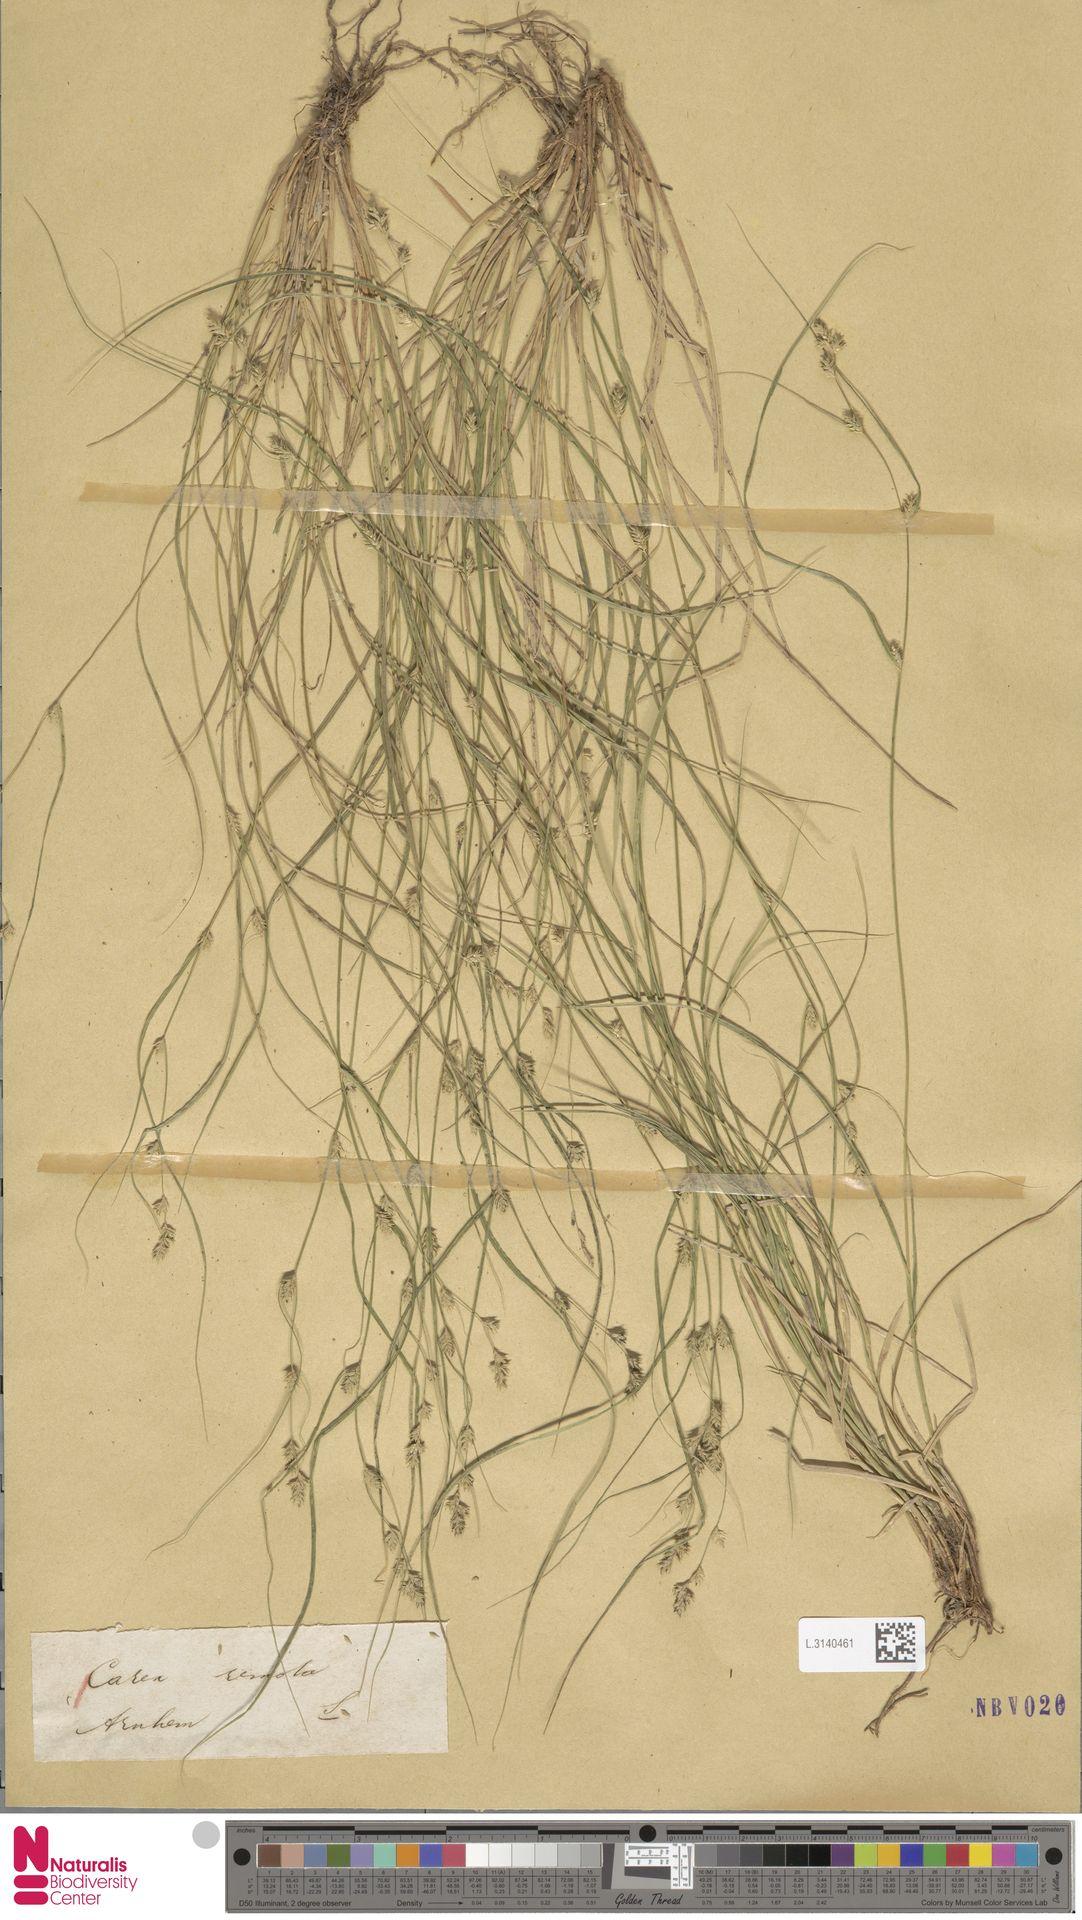 L.3140461   Carex remota L.